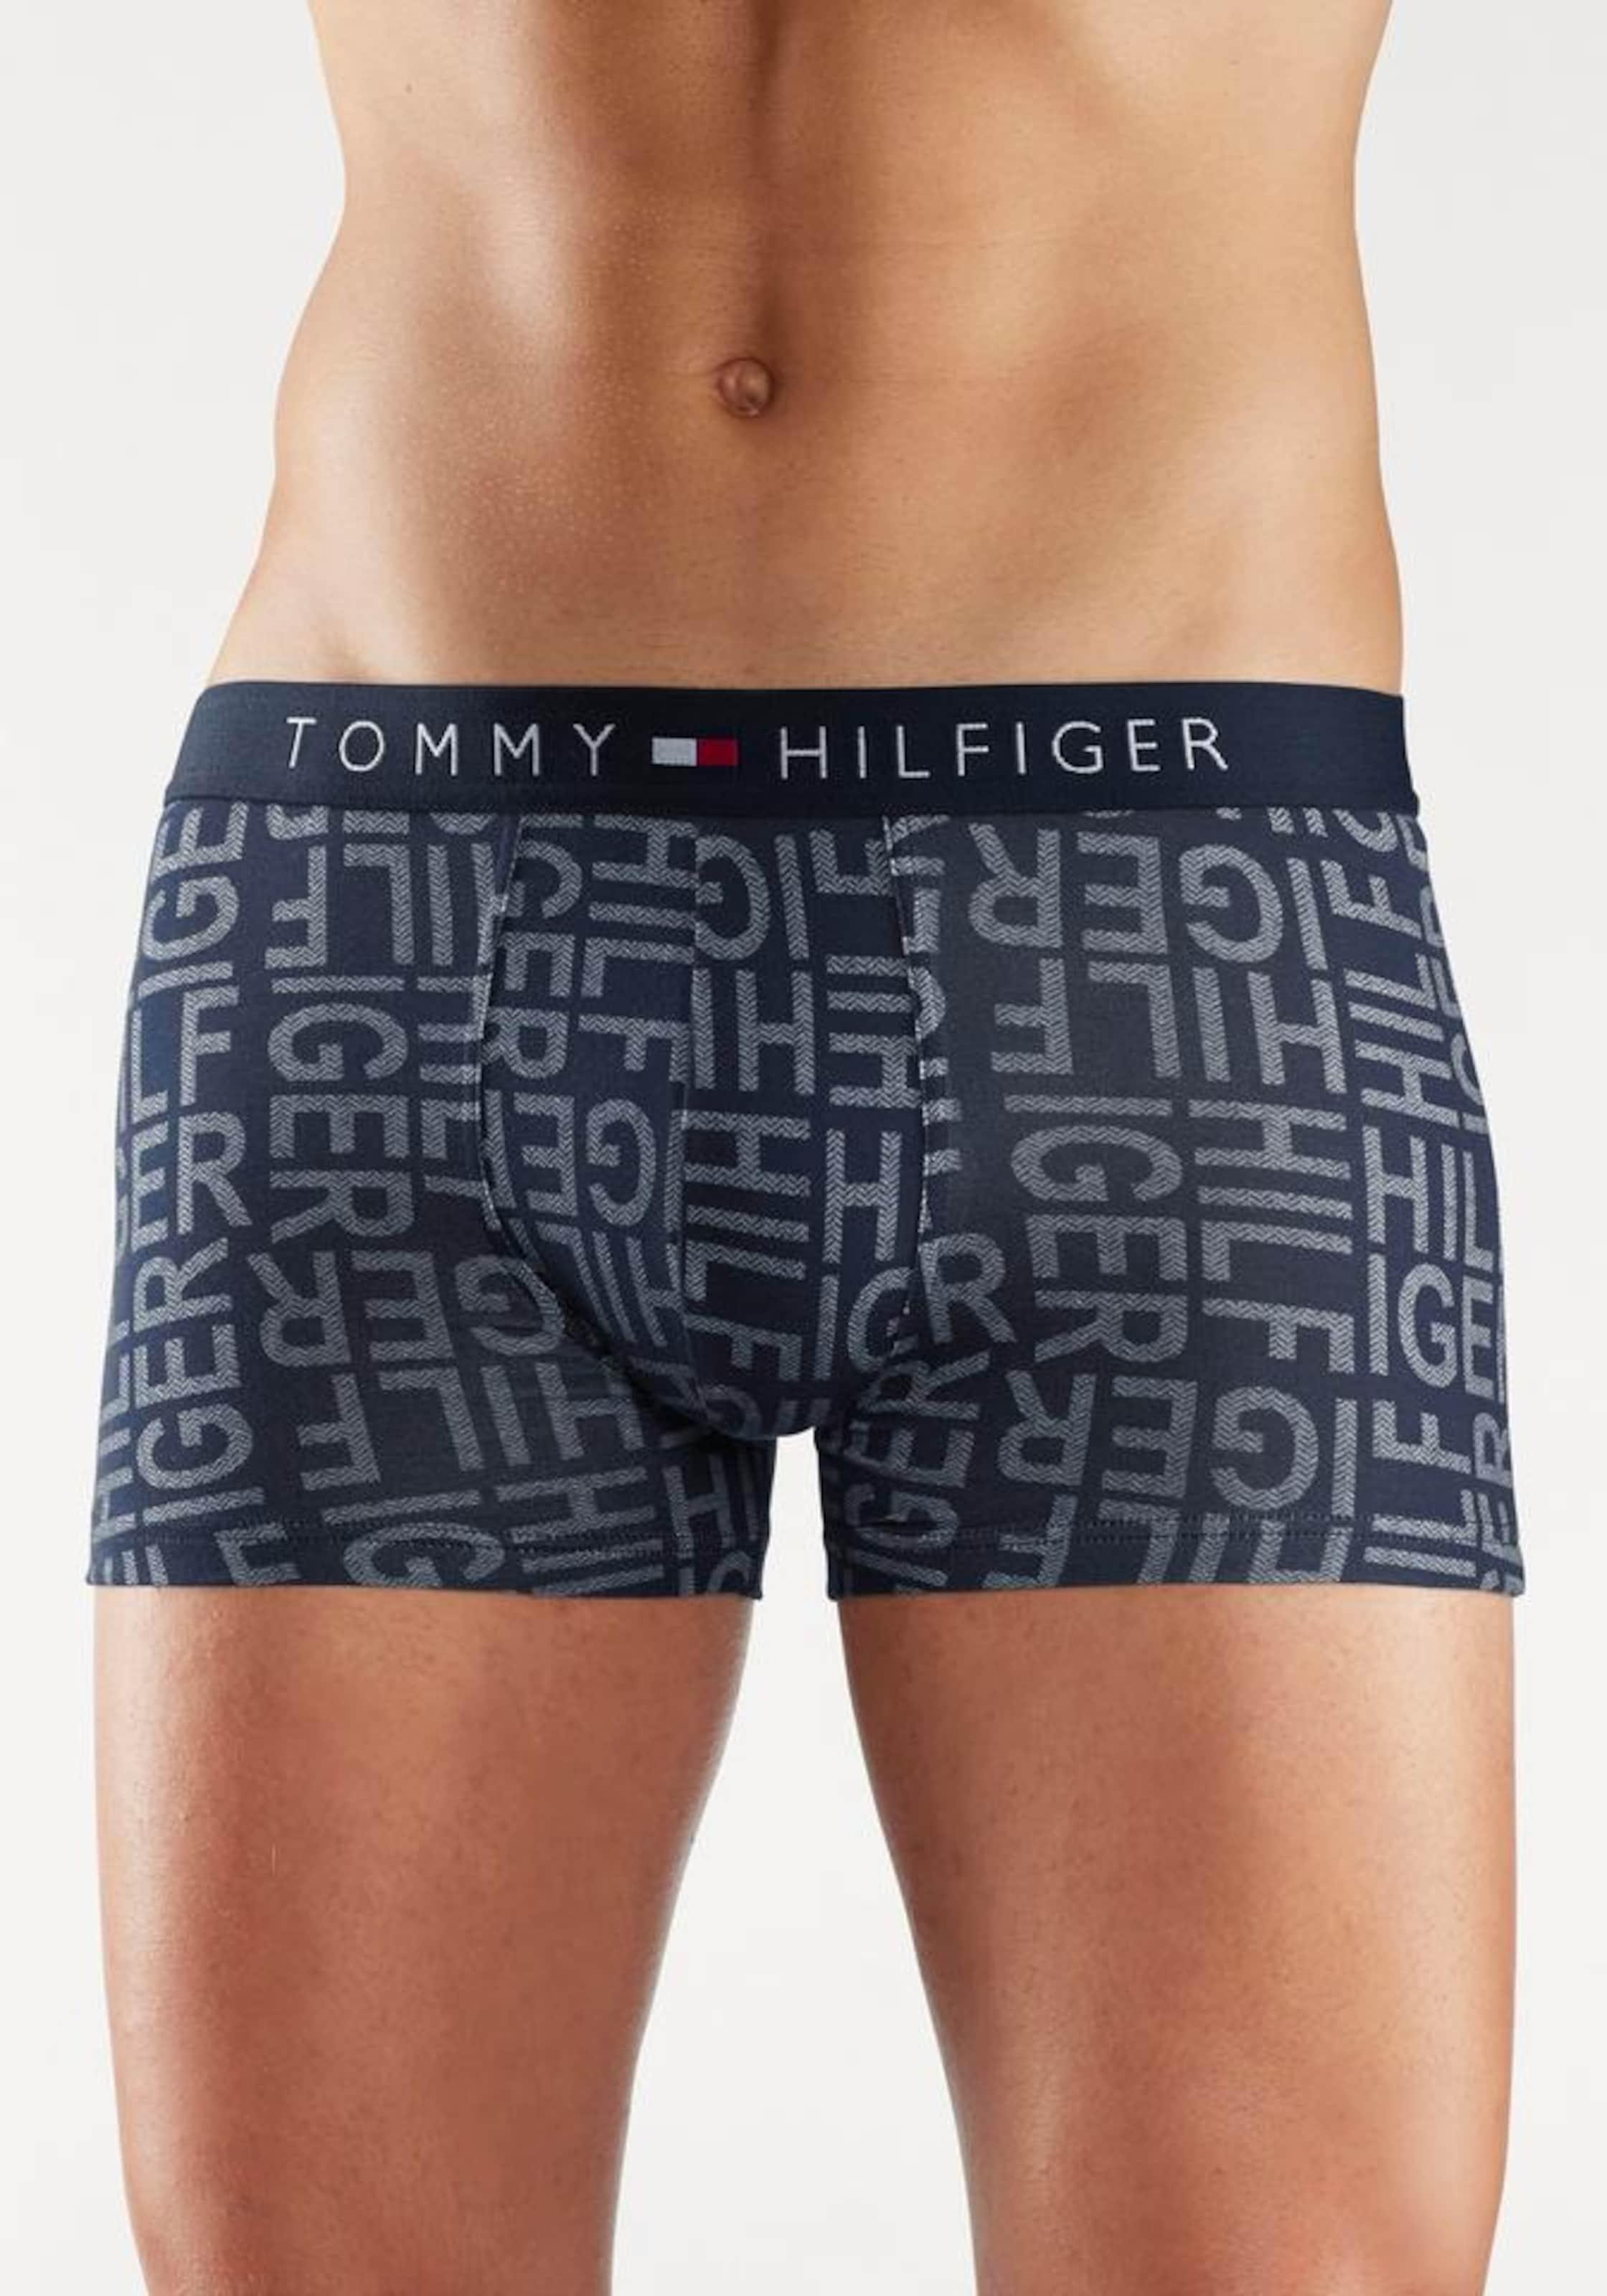 TOMMY HILFIGER Boxer 'Cotton' Günstig Kaufen 100% Original FMgM0